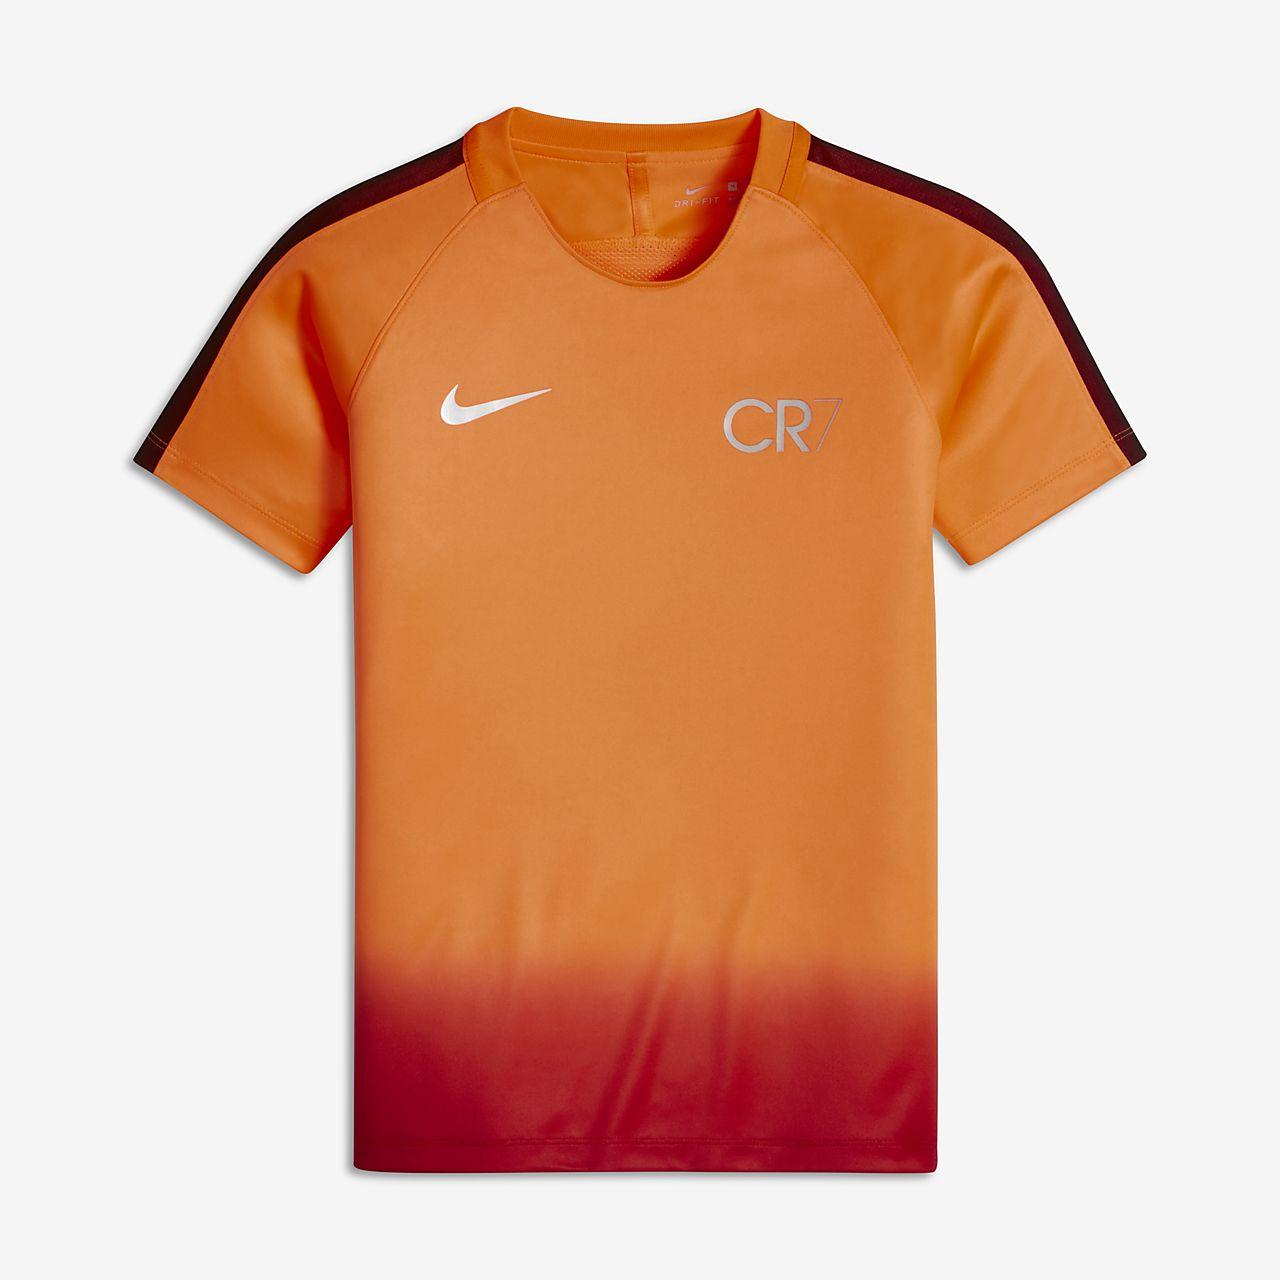 ナイキ ドライ CR7 スクワッド ジュニア (ボーイズ) サッカートップ